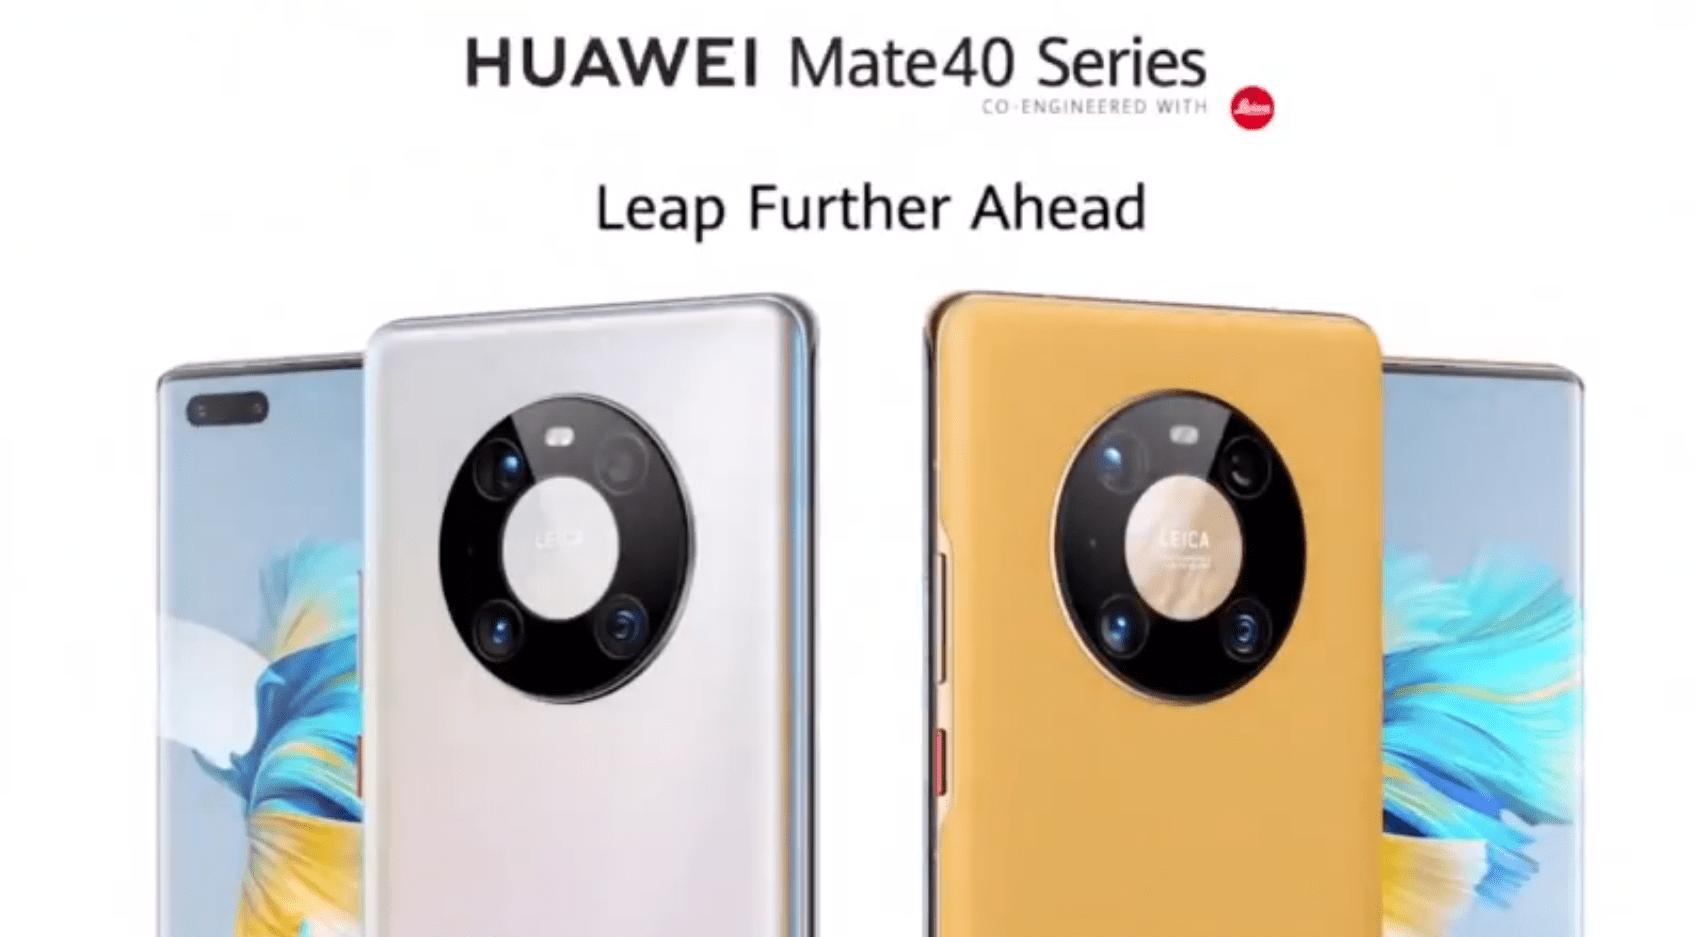 华为Mate40手机正式发布!搭载华为史上最强大芯片,晶体管数量比苹果A14多30%,起售价899欧元